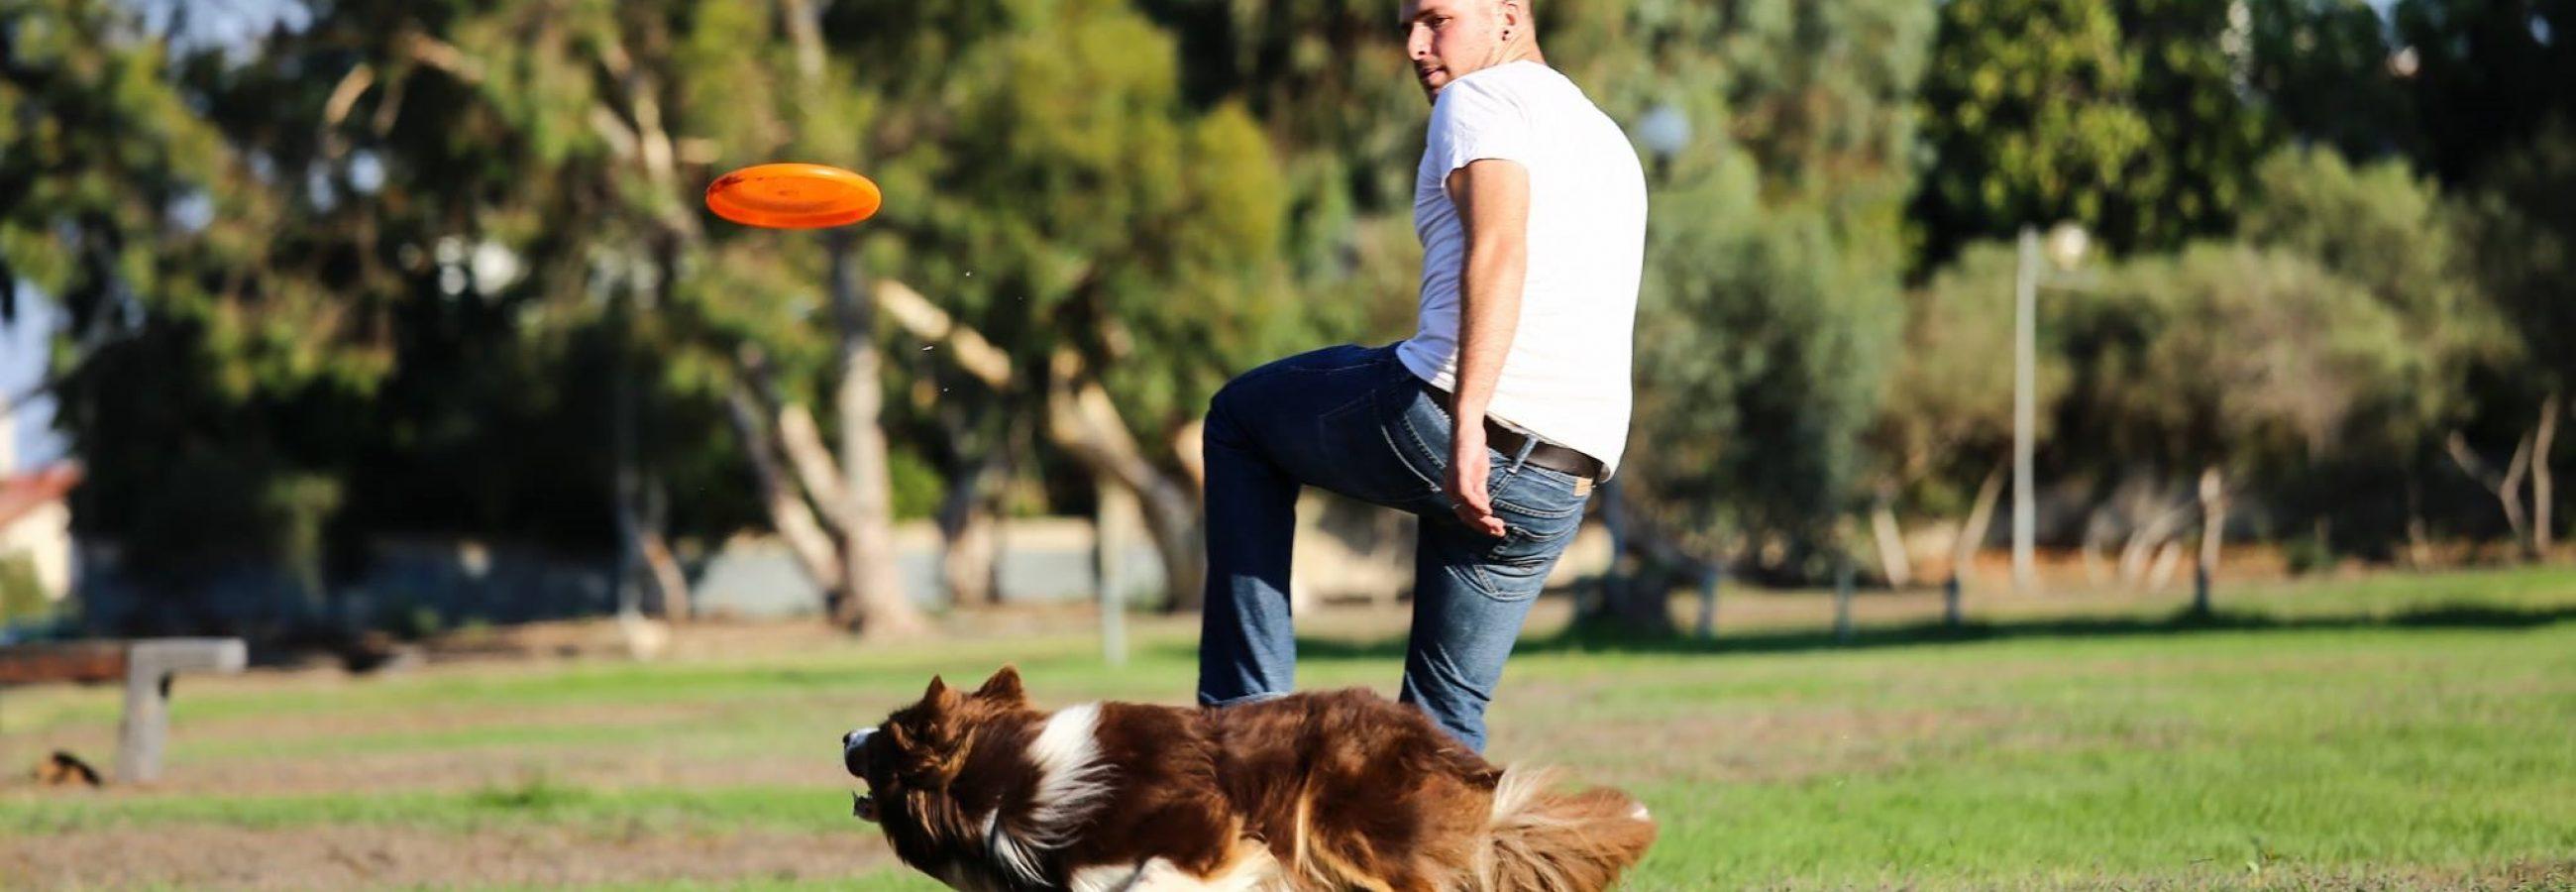 מאור שטיימינץ מאלף כלבים משחק פריזבי עם כלבו לאו.